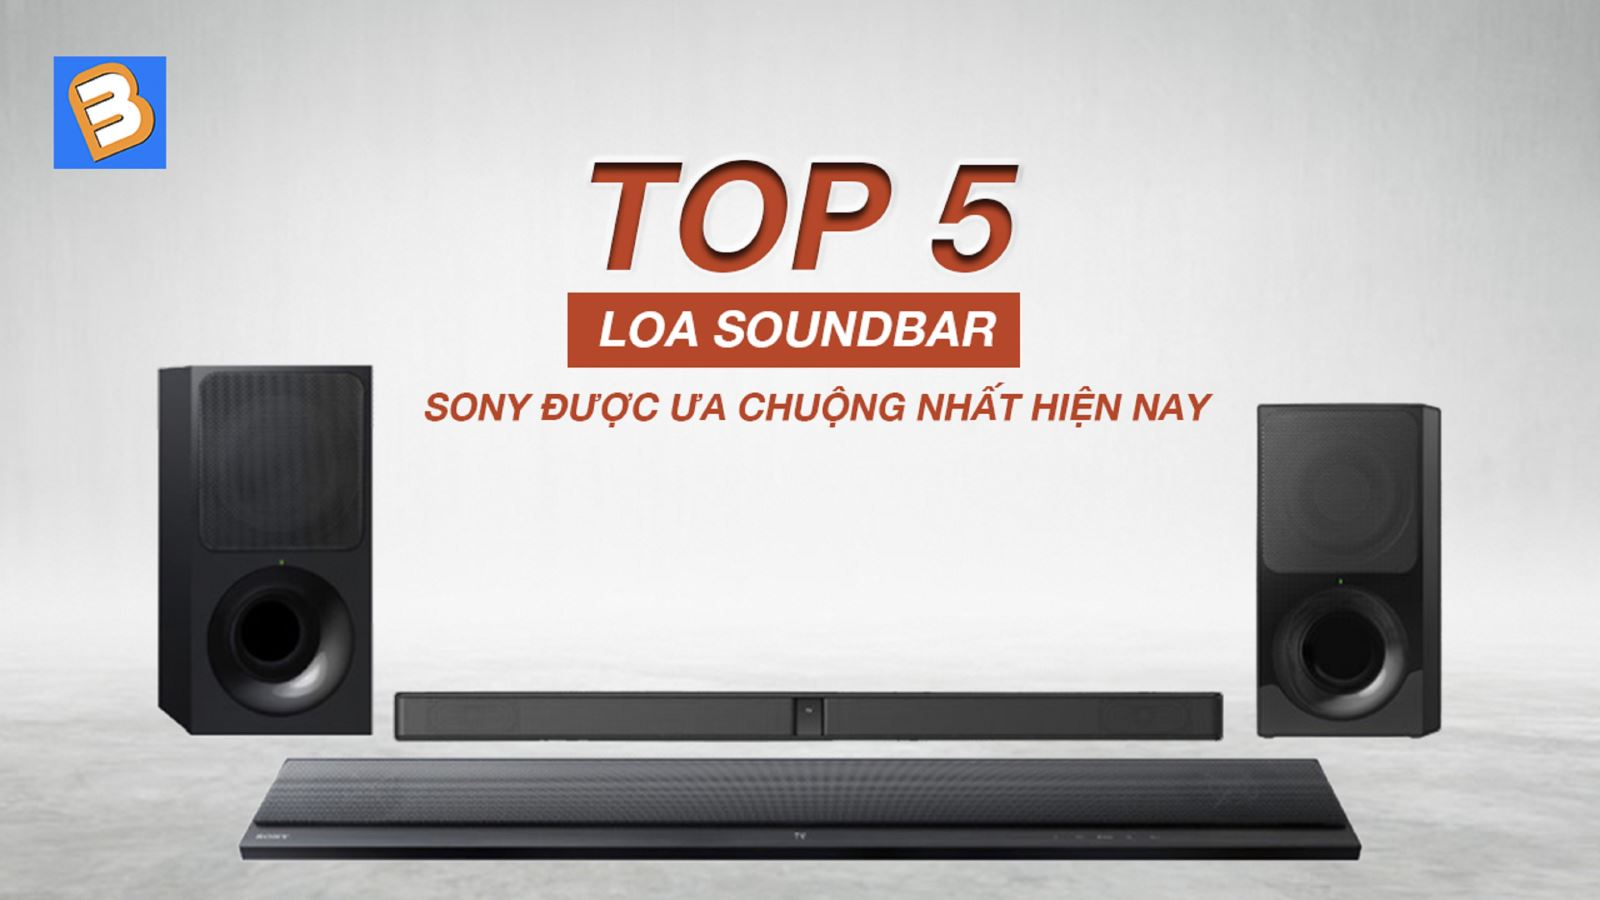 Top 5loa soundbar Sony được ưa chuộng nhấthiện nay